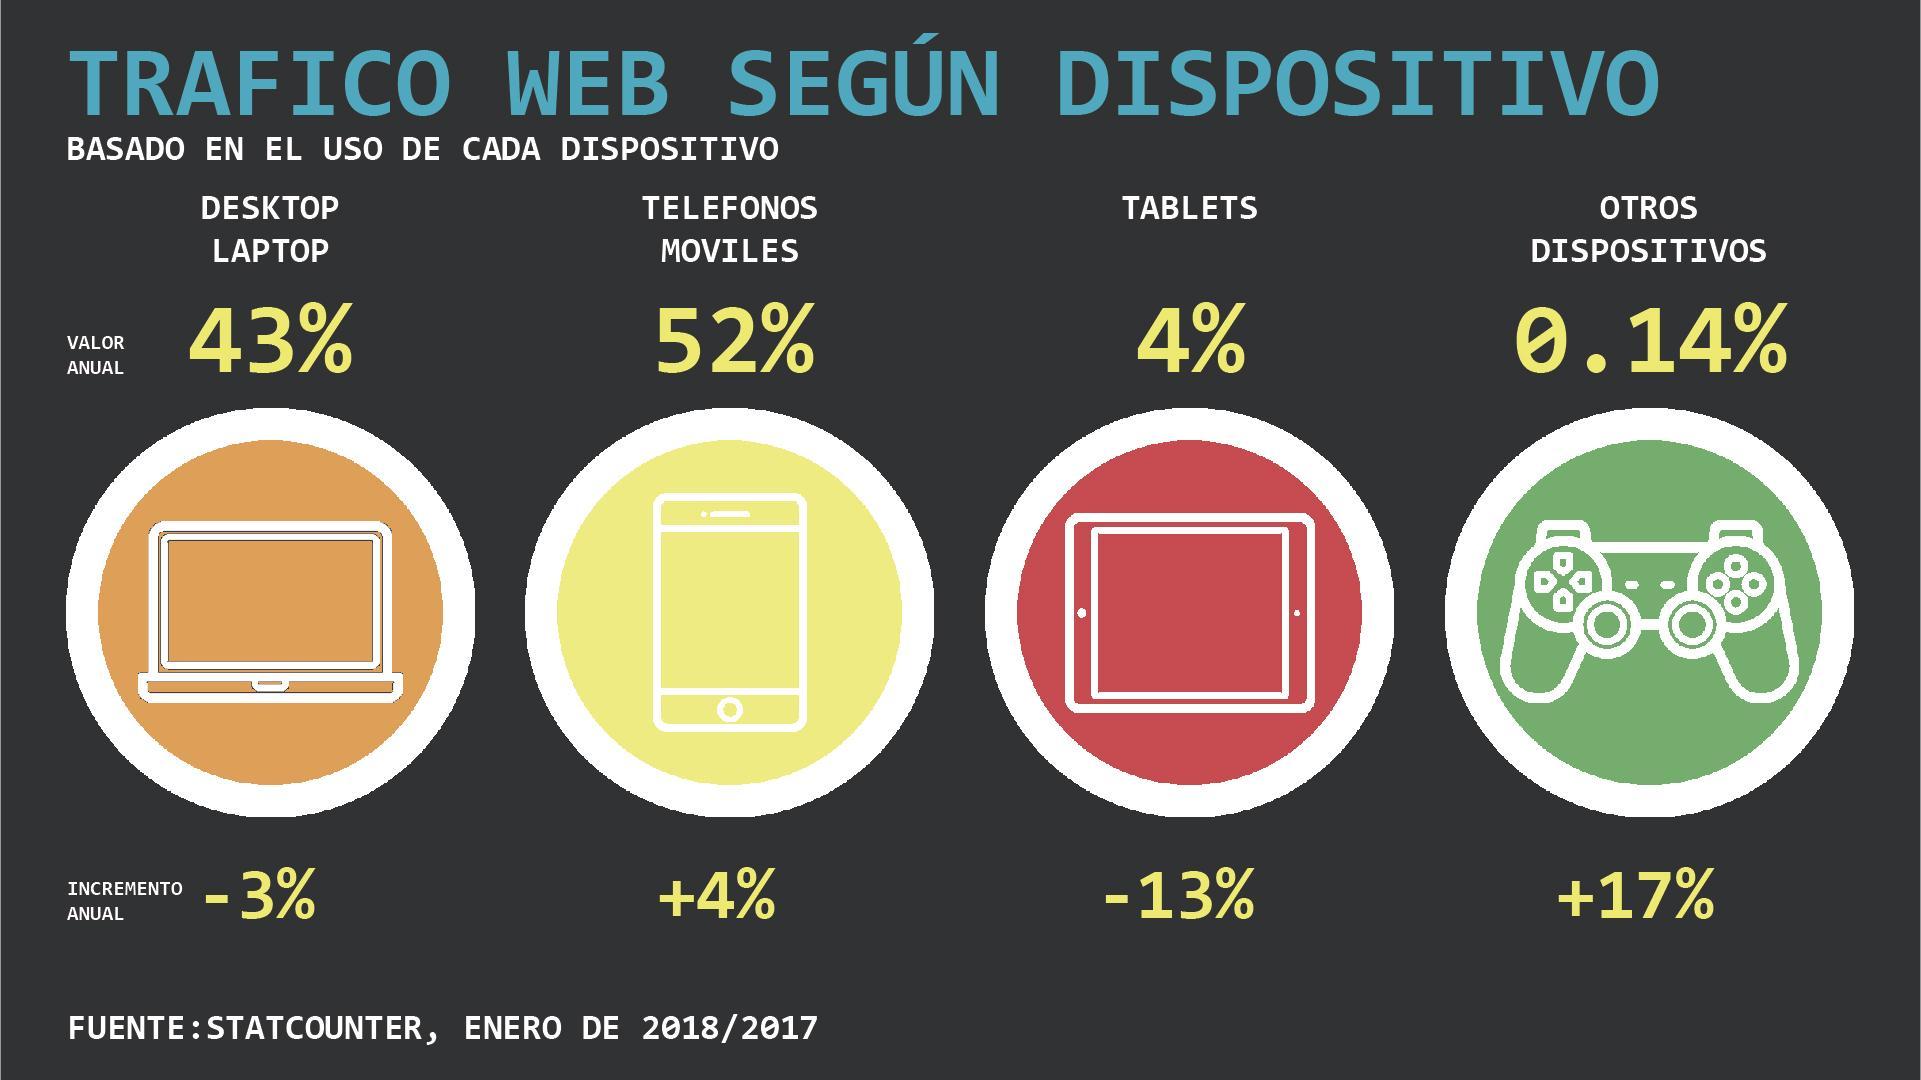 Trafico web según dispositivo